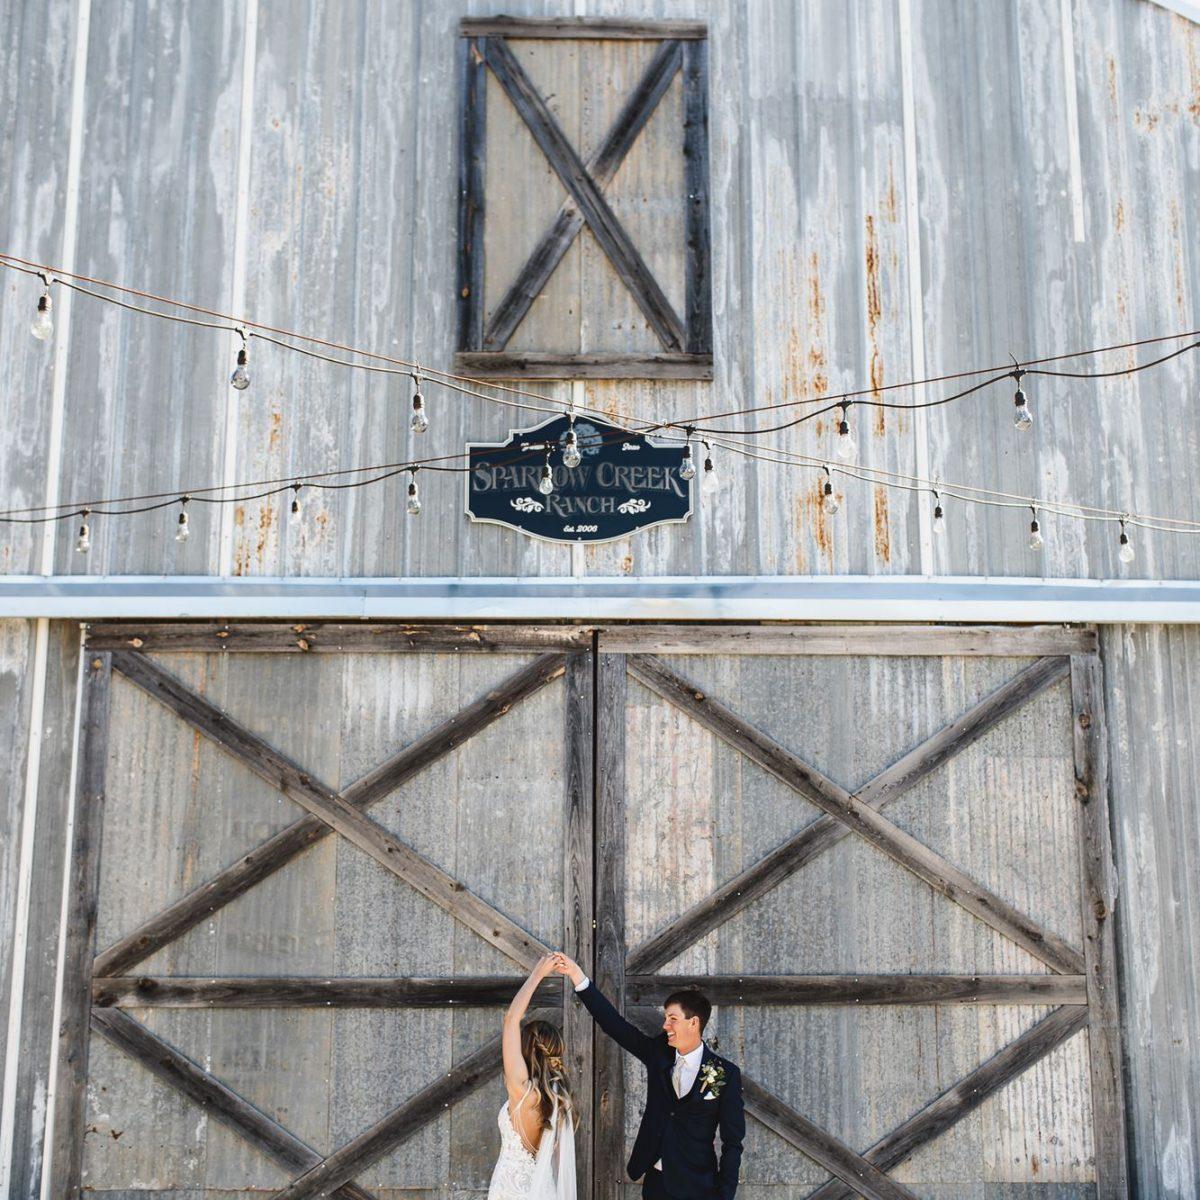 Sparrow Creek Ranch wedding photo of bride and groom